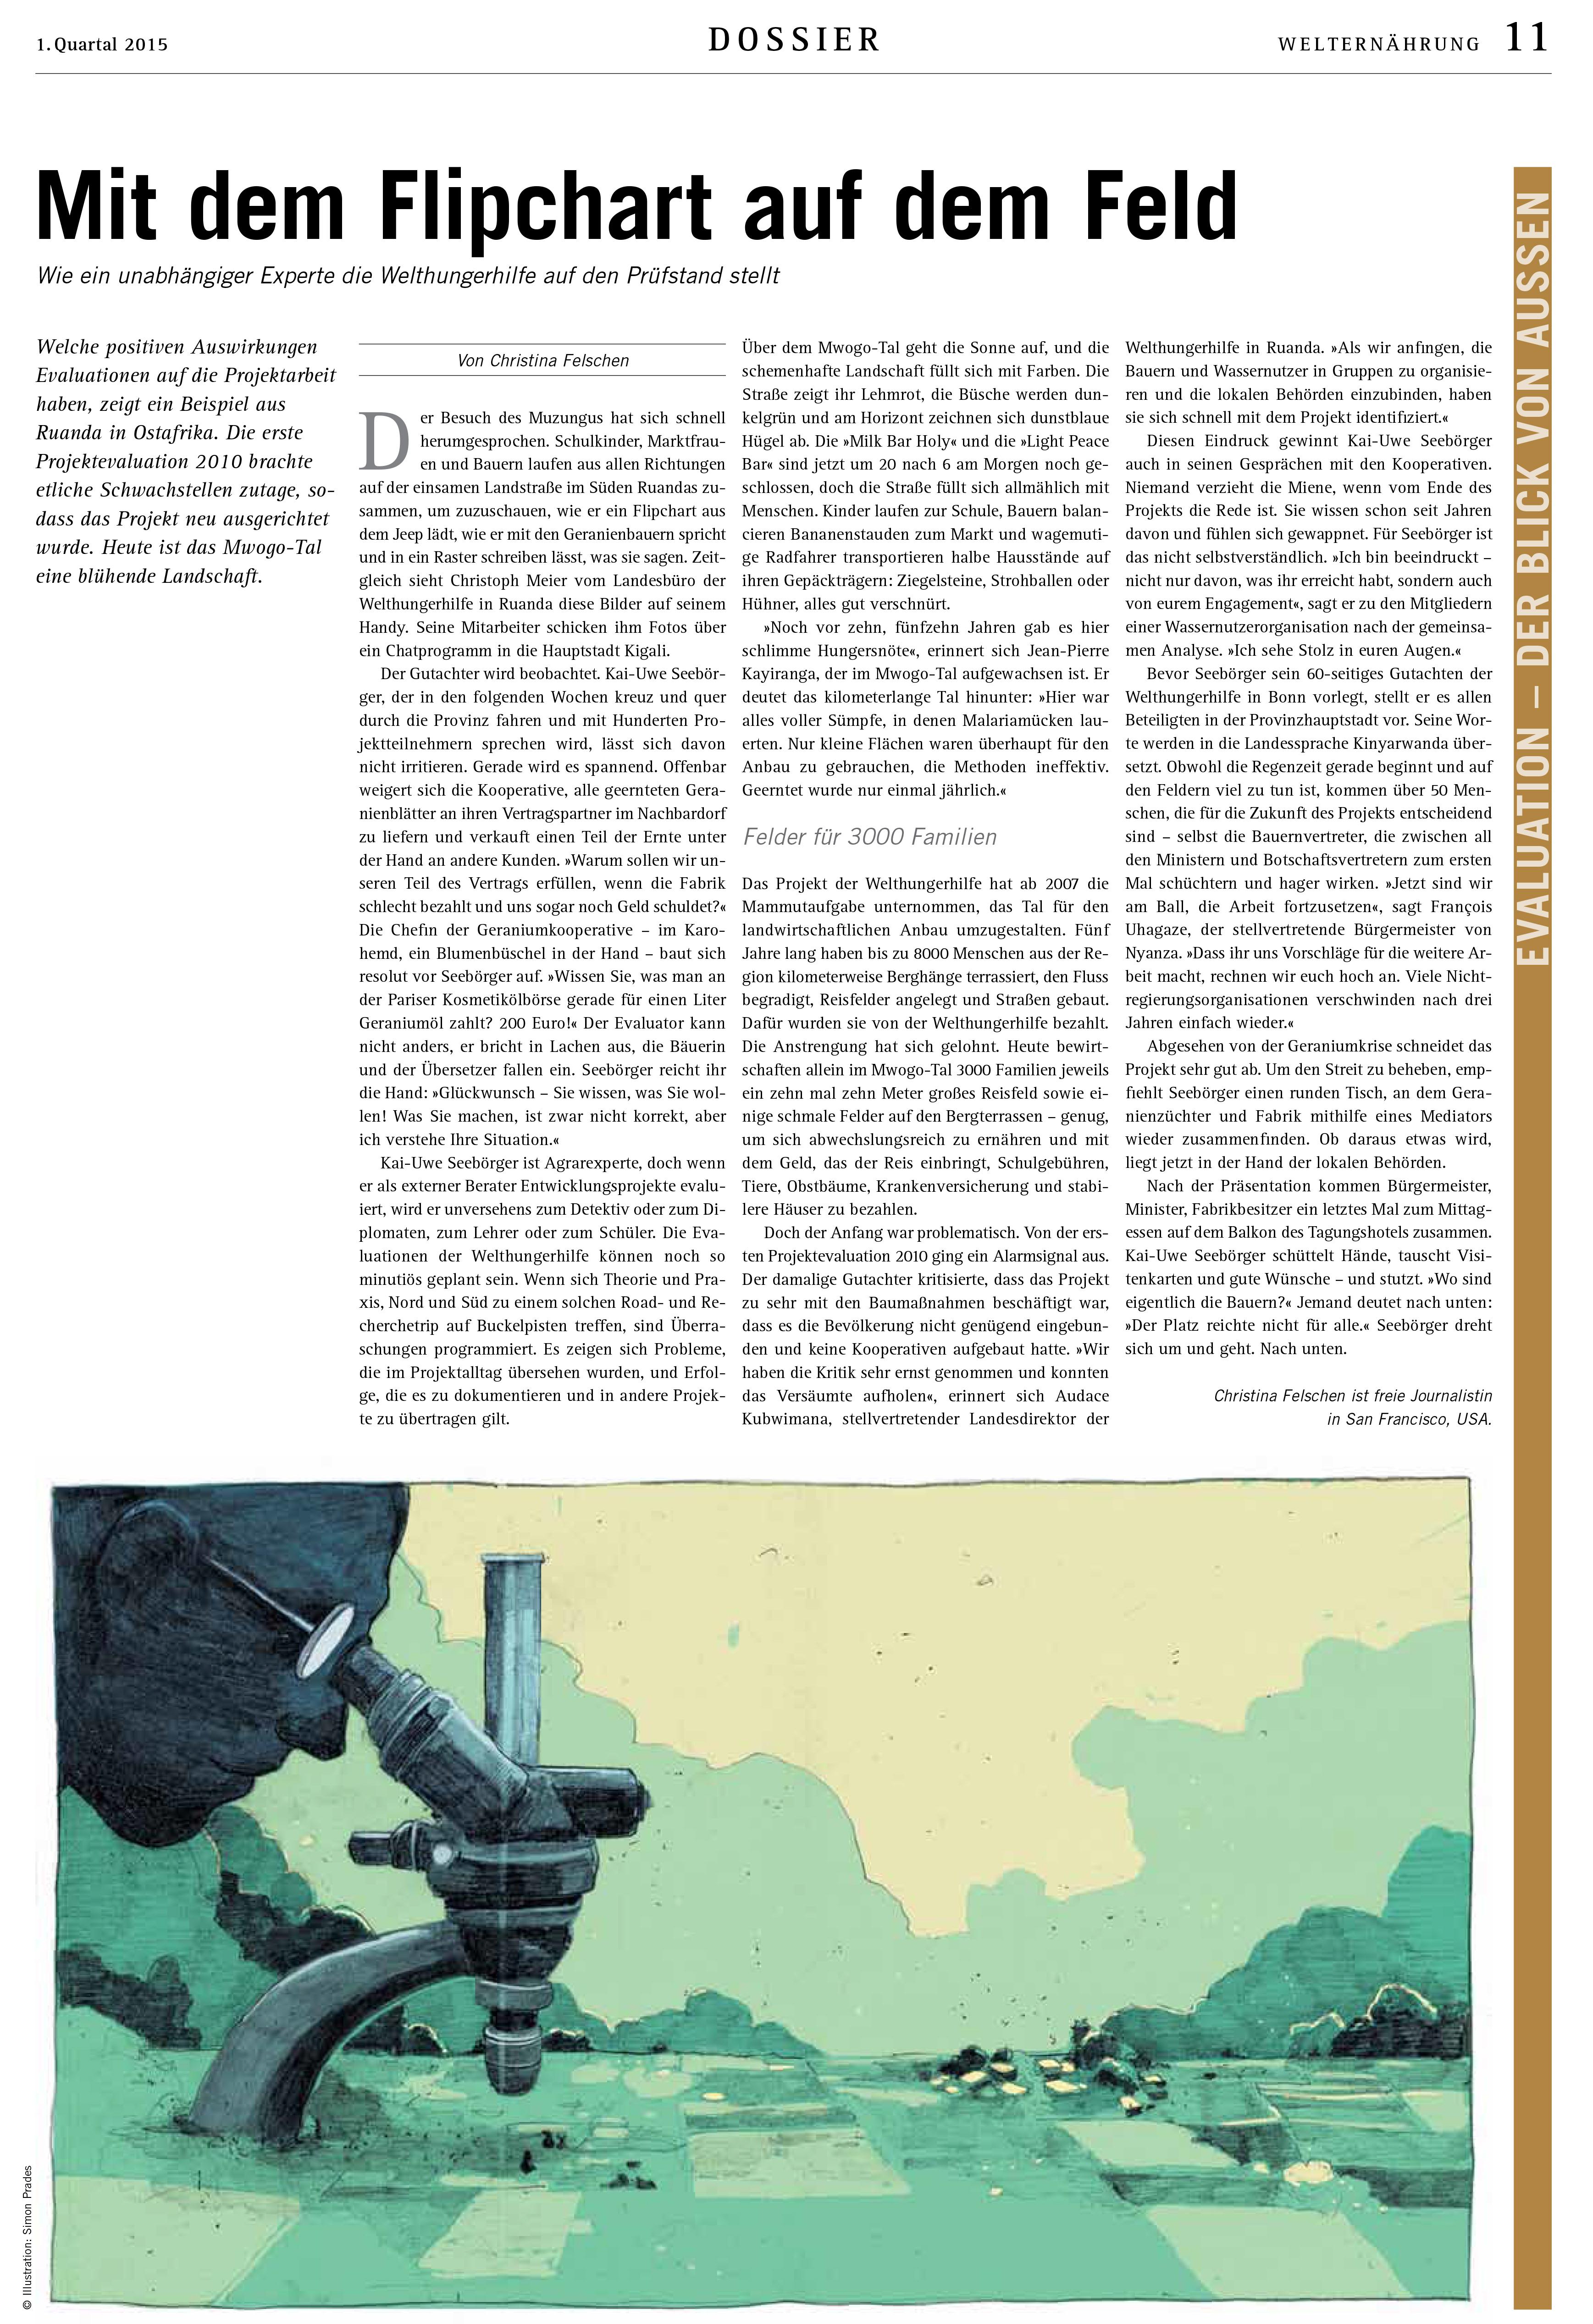 WE_15 - Ausgabe 1_2015_Seite_11_Reportage